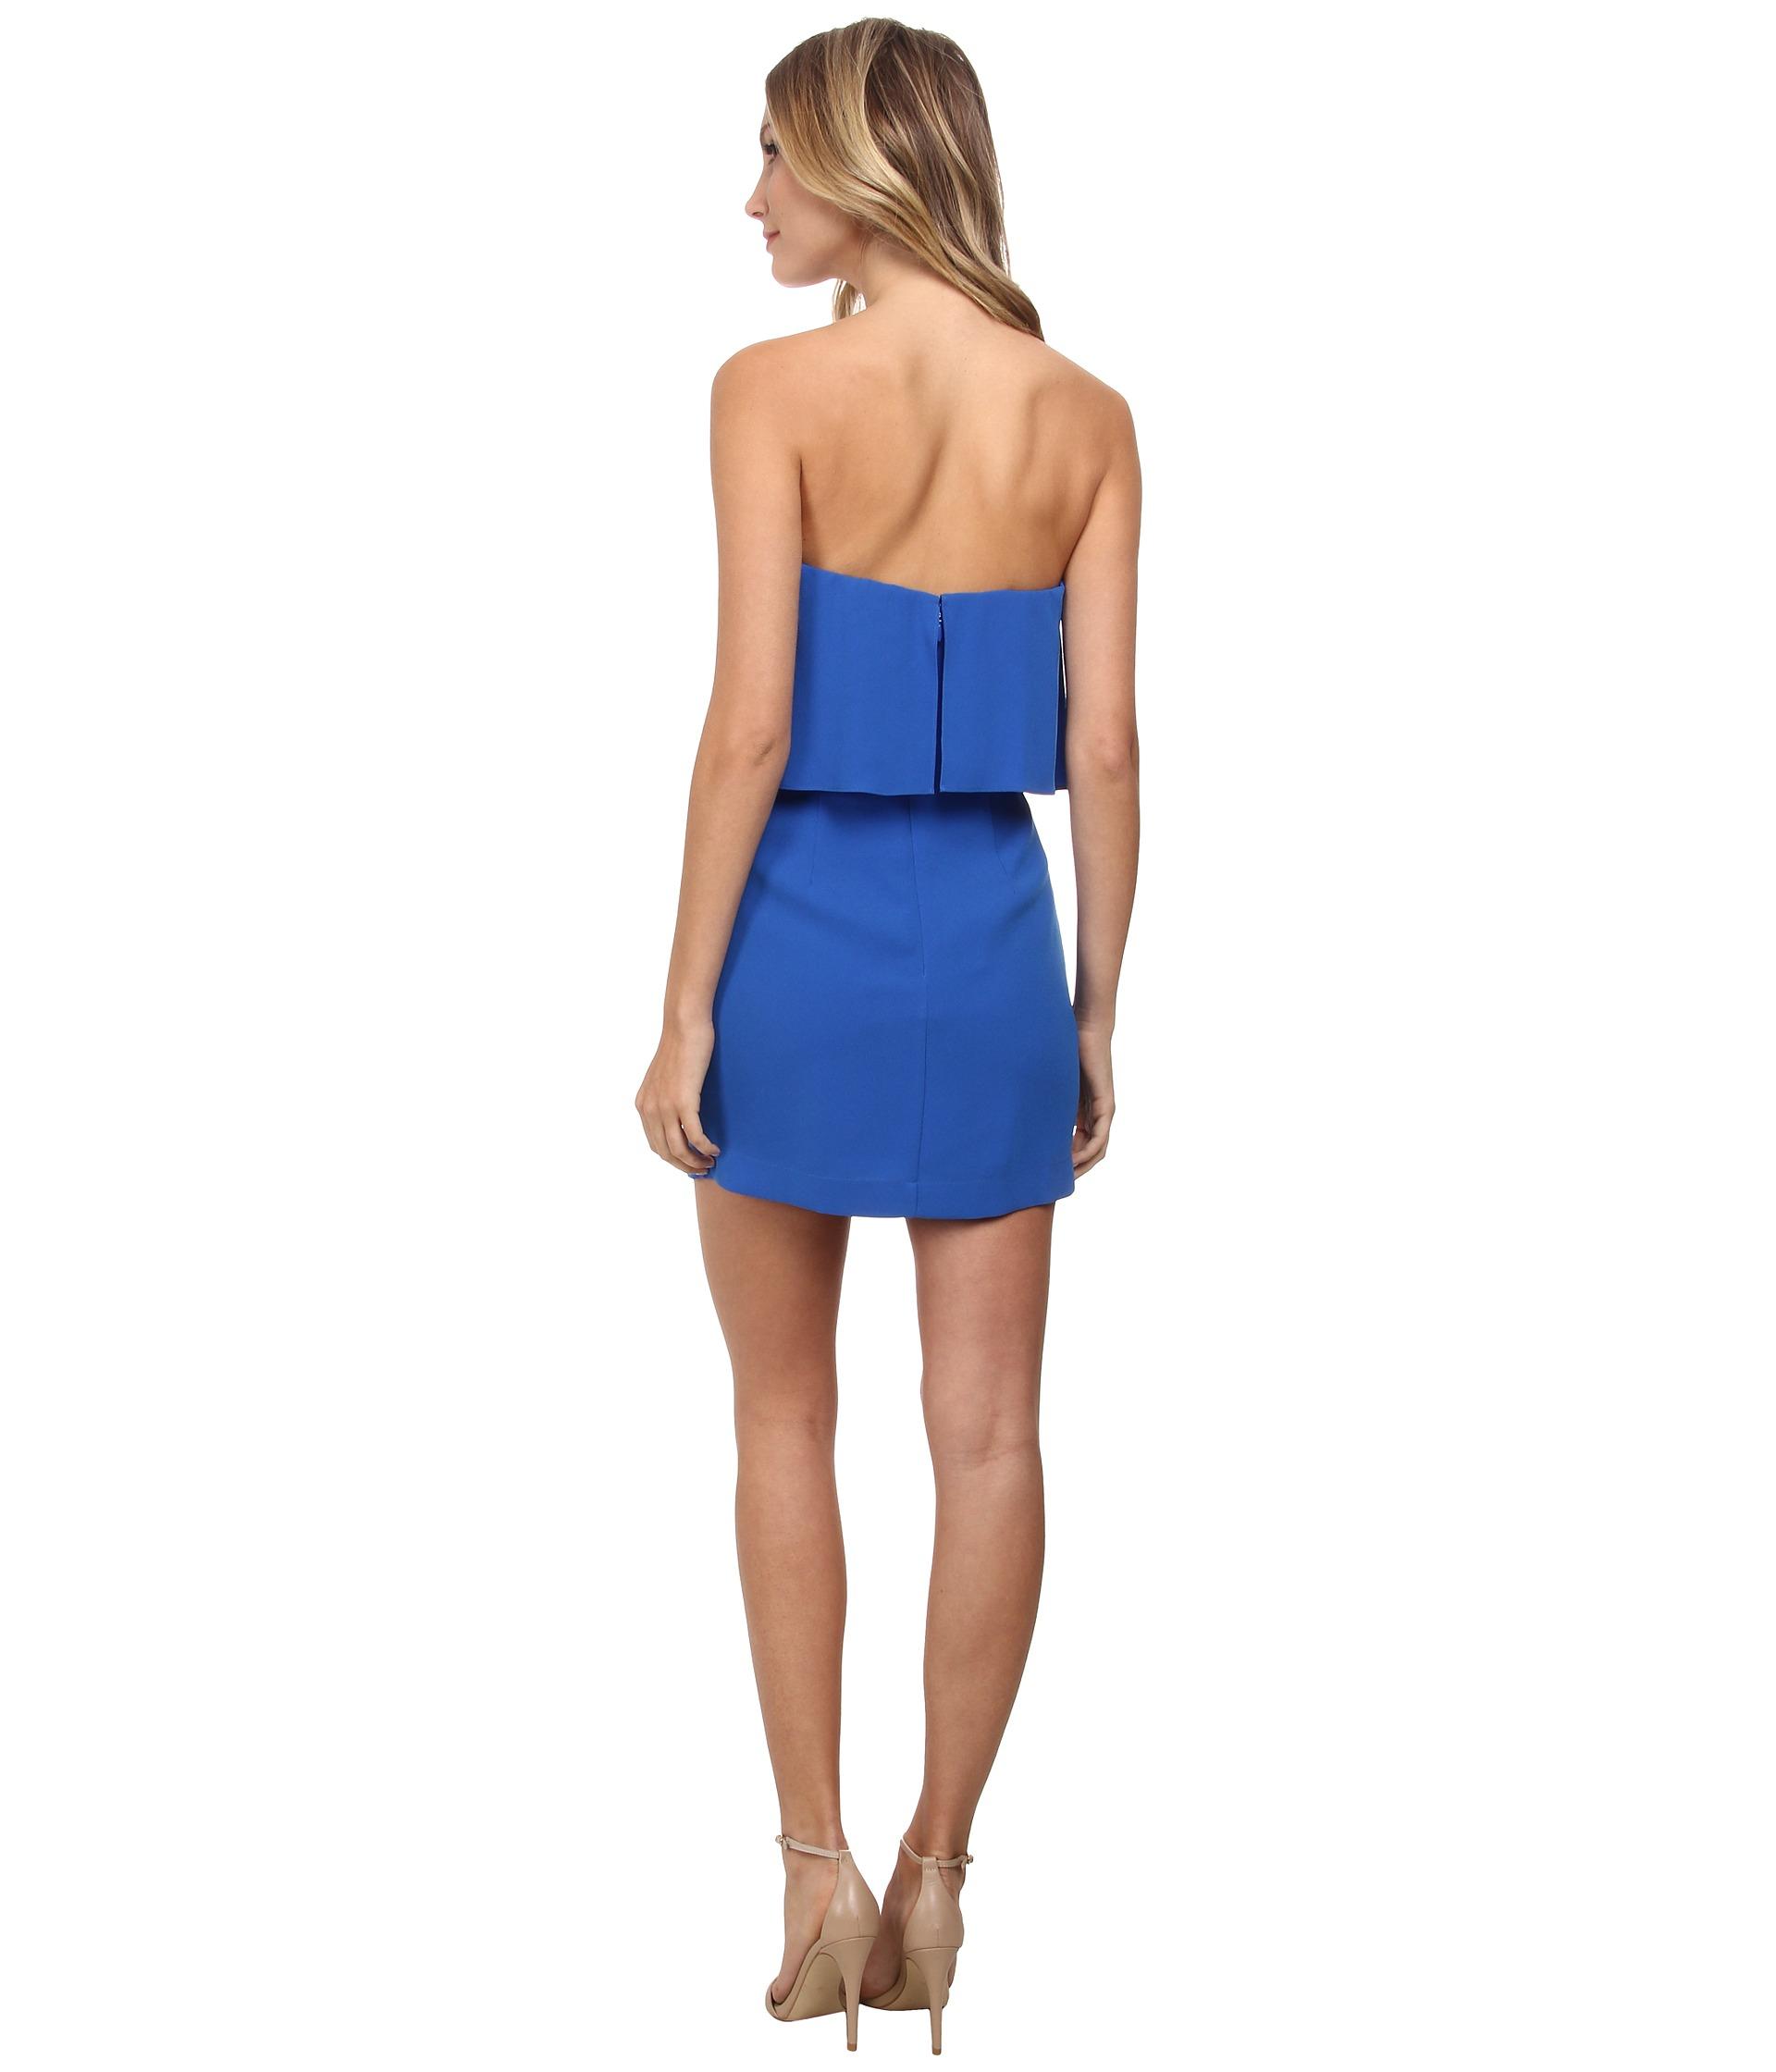 330419be684 Turmec » kate strapless overlay dress white